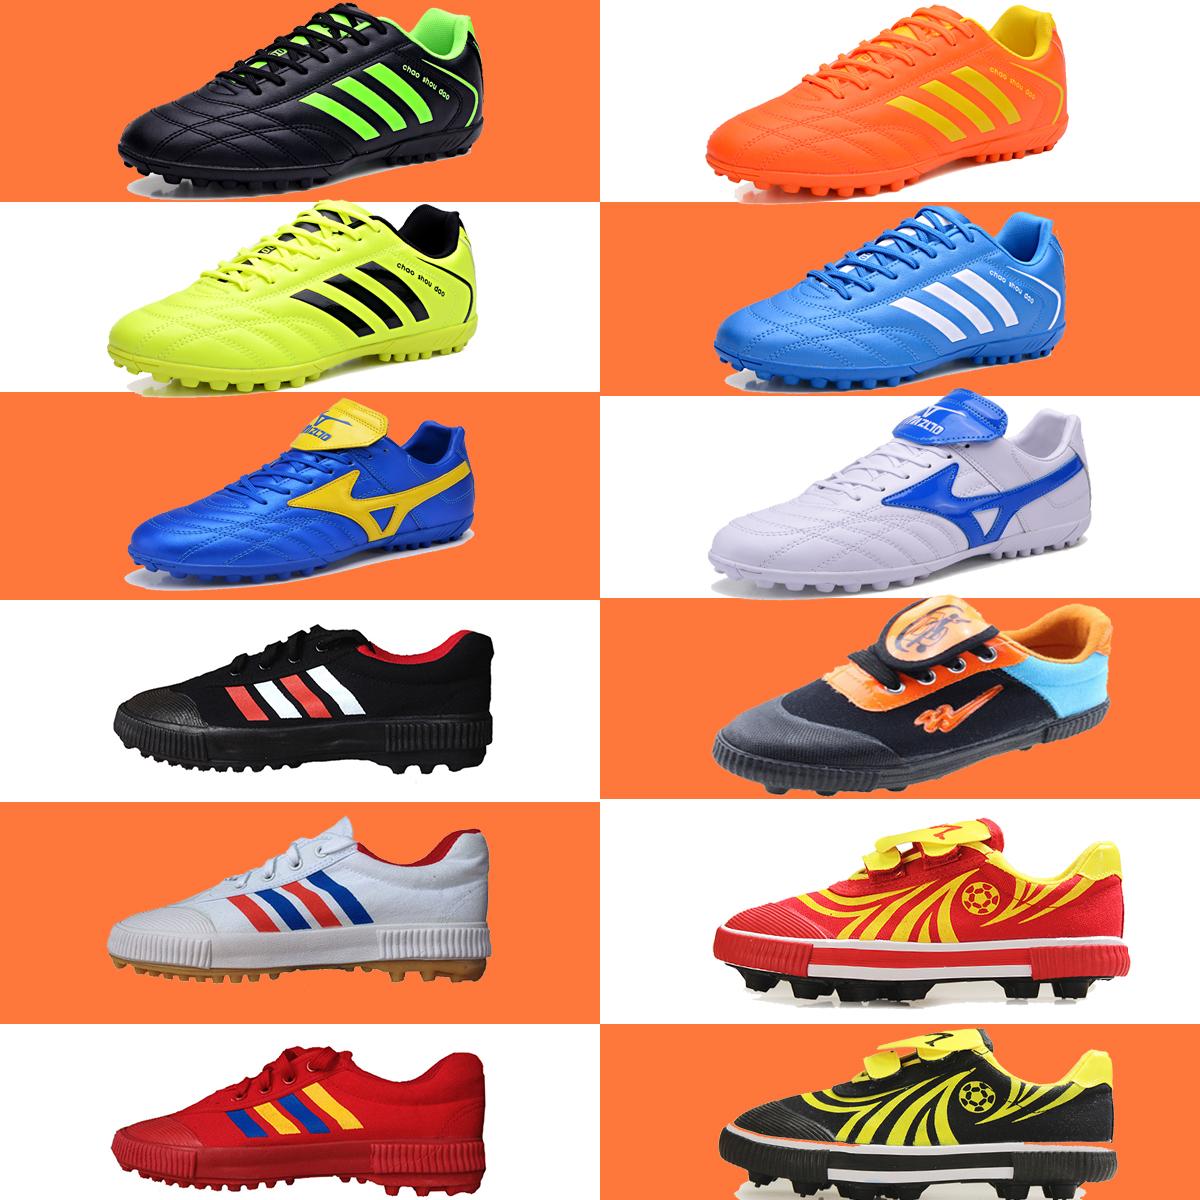 Đôi giày bóng đá sao A B nam nữ canvas chuyên nghiệp đào tạo bóng đá giày móng tay nhựa móng tay bị hỏng giày bóng đá